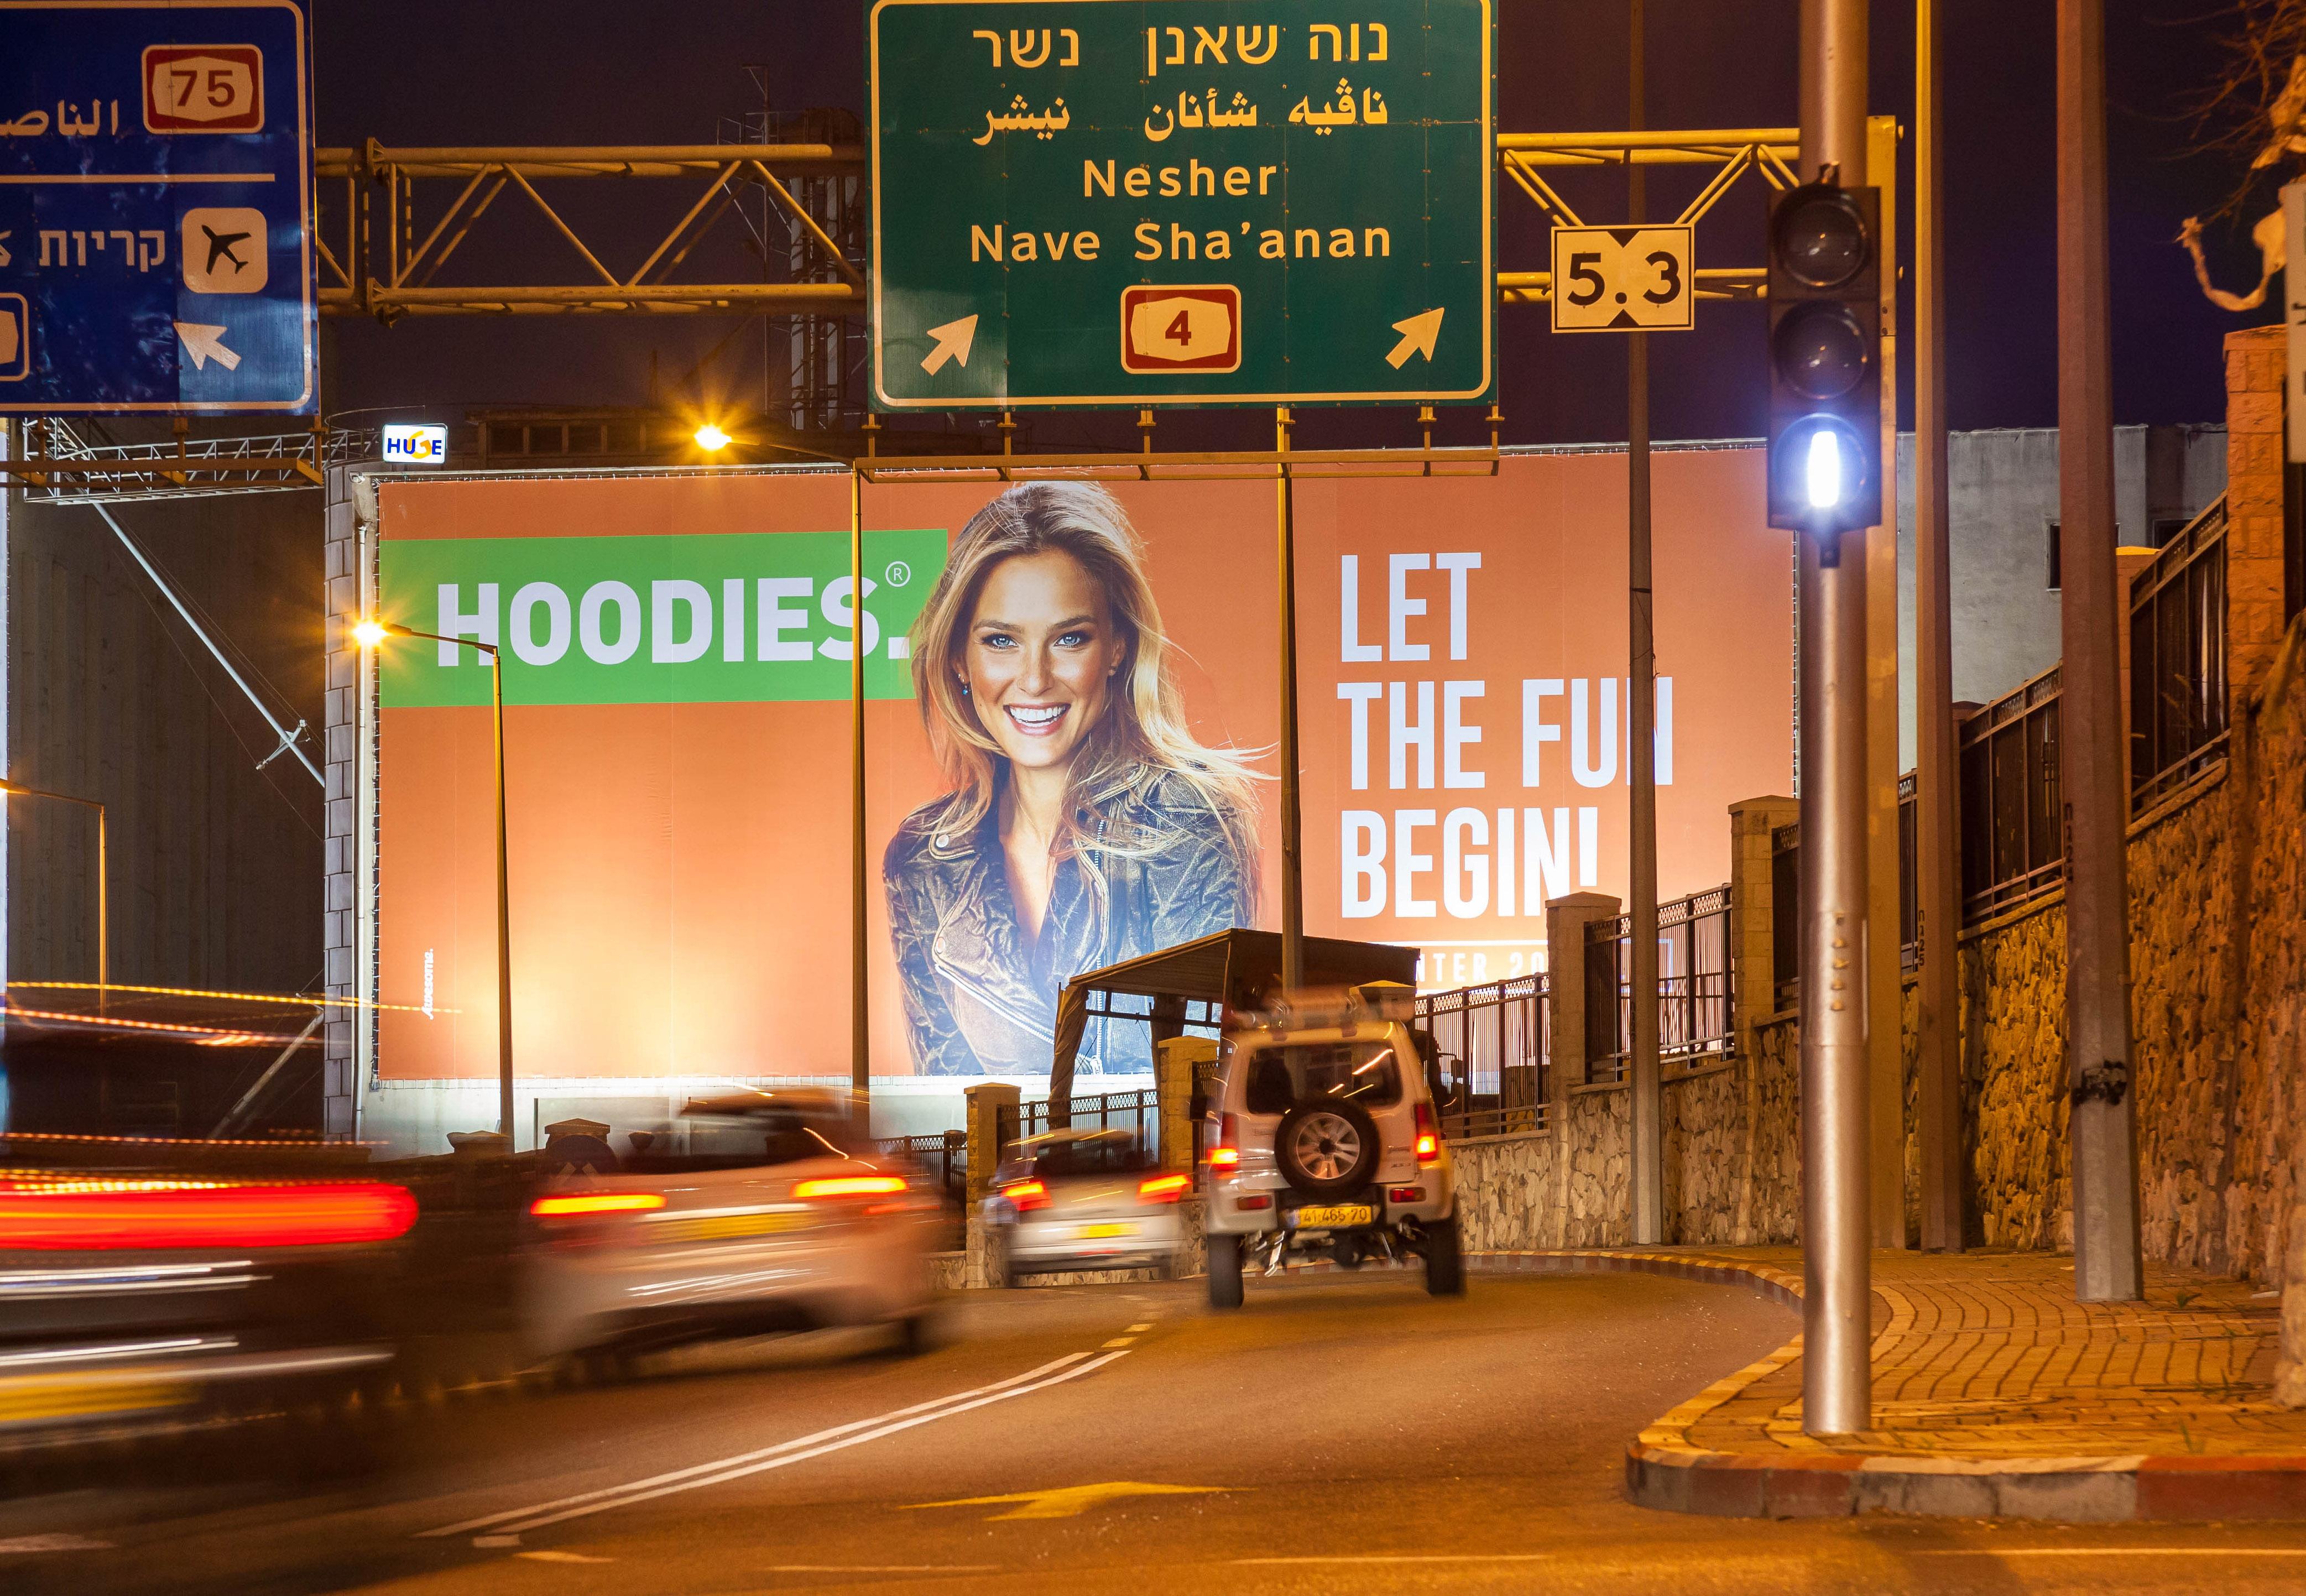 קיר מתחם תנובה חיפה